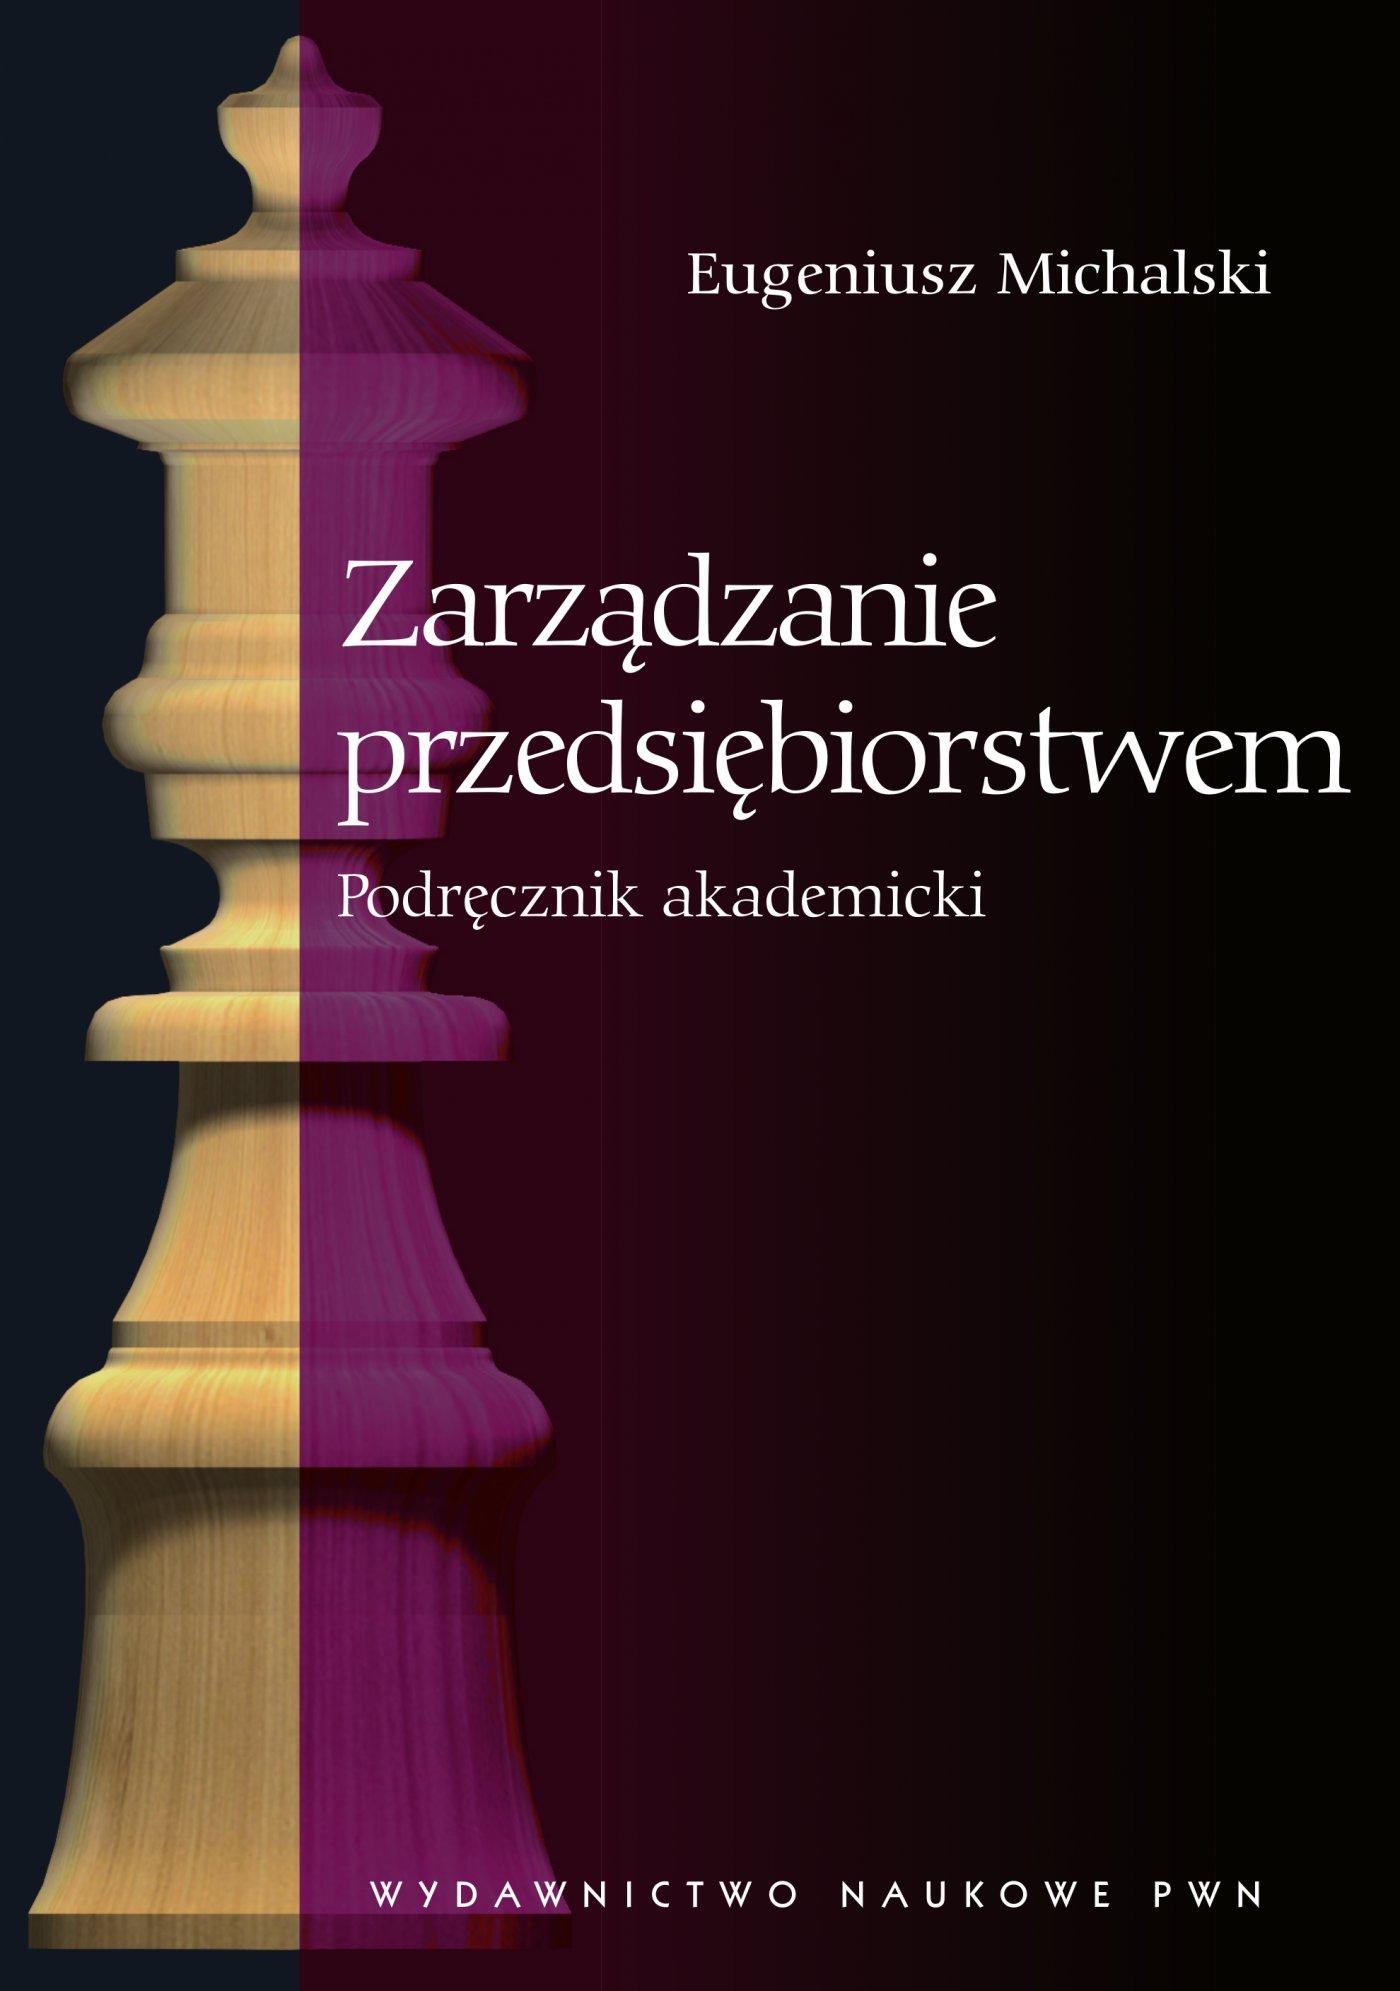 Zarządzanie przedsiębiorstwem. Podręcznik akademicki - Ebook (Książka EPUB) do pobrania w formacie EPUB